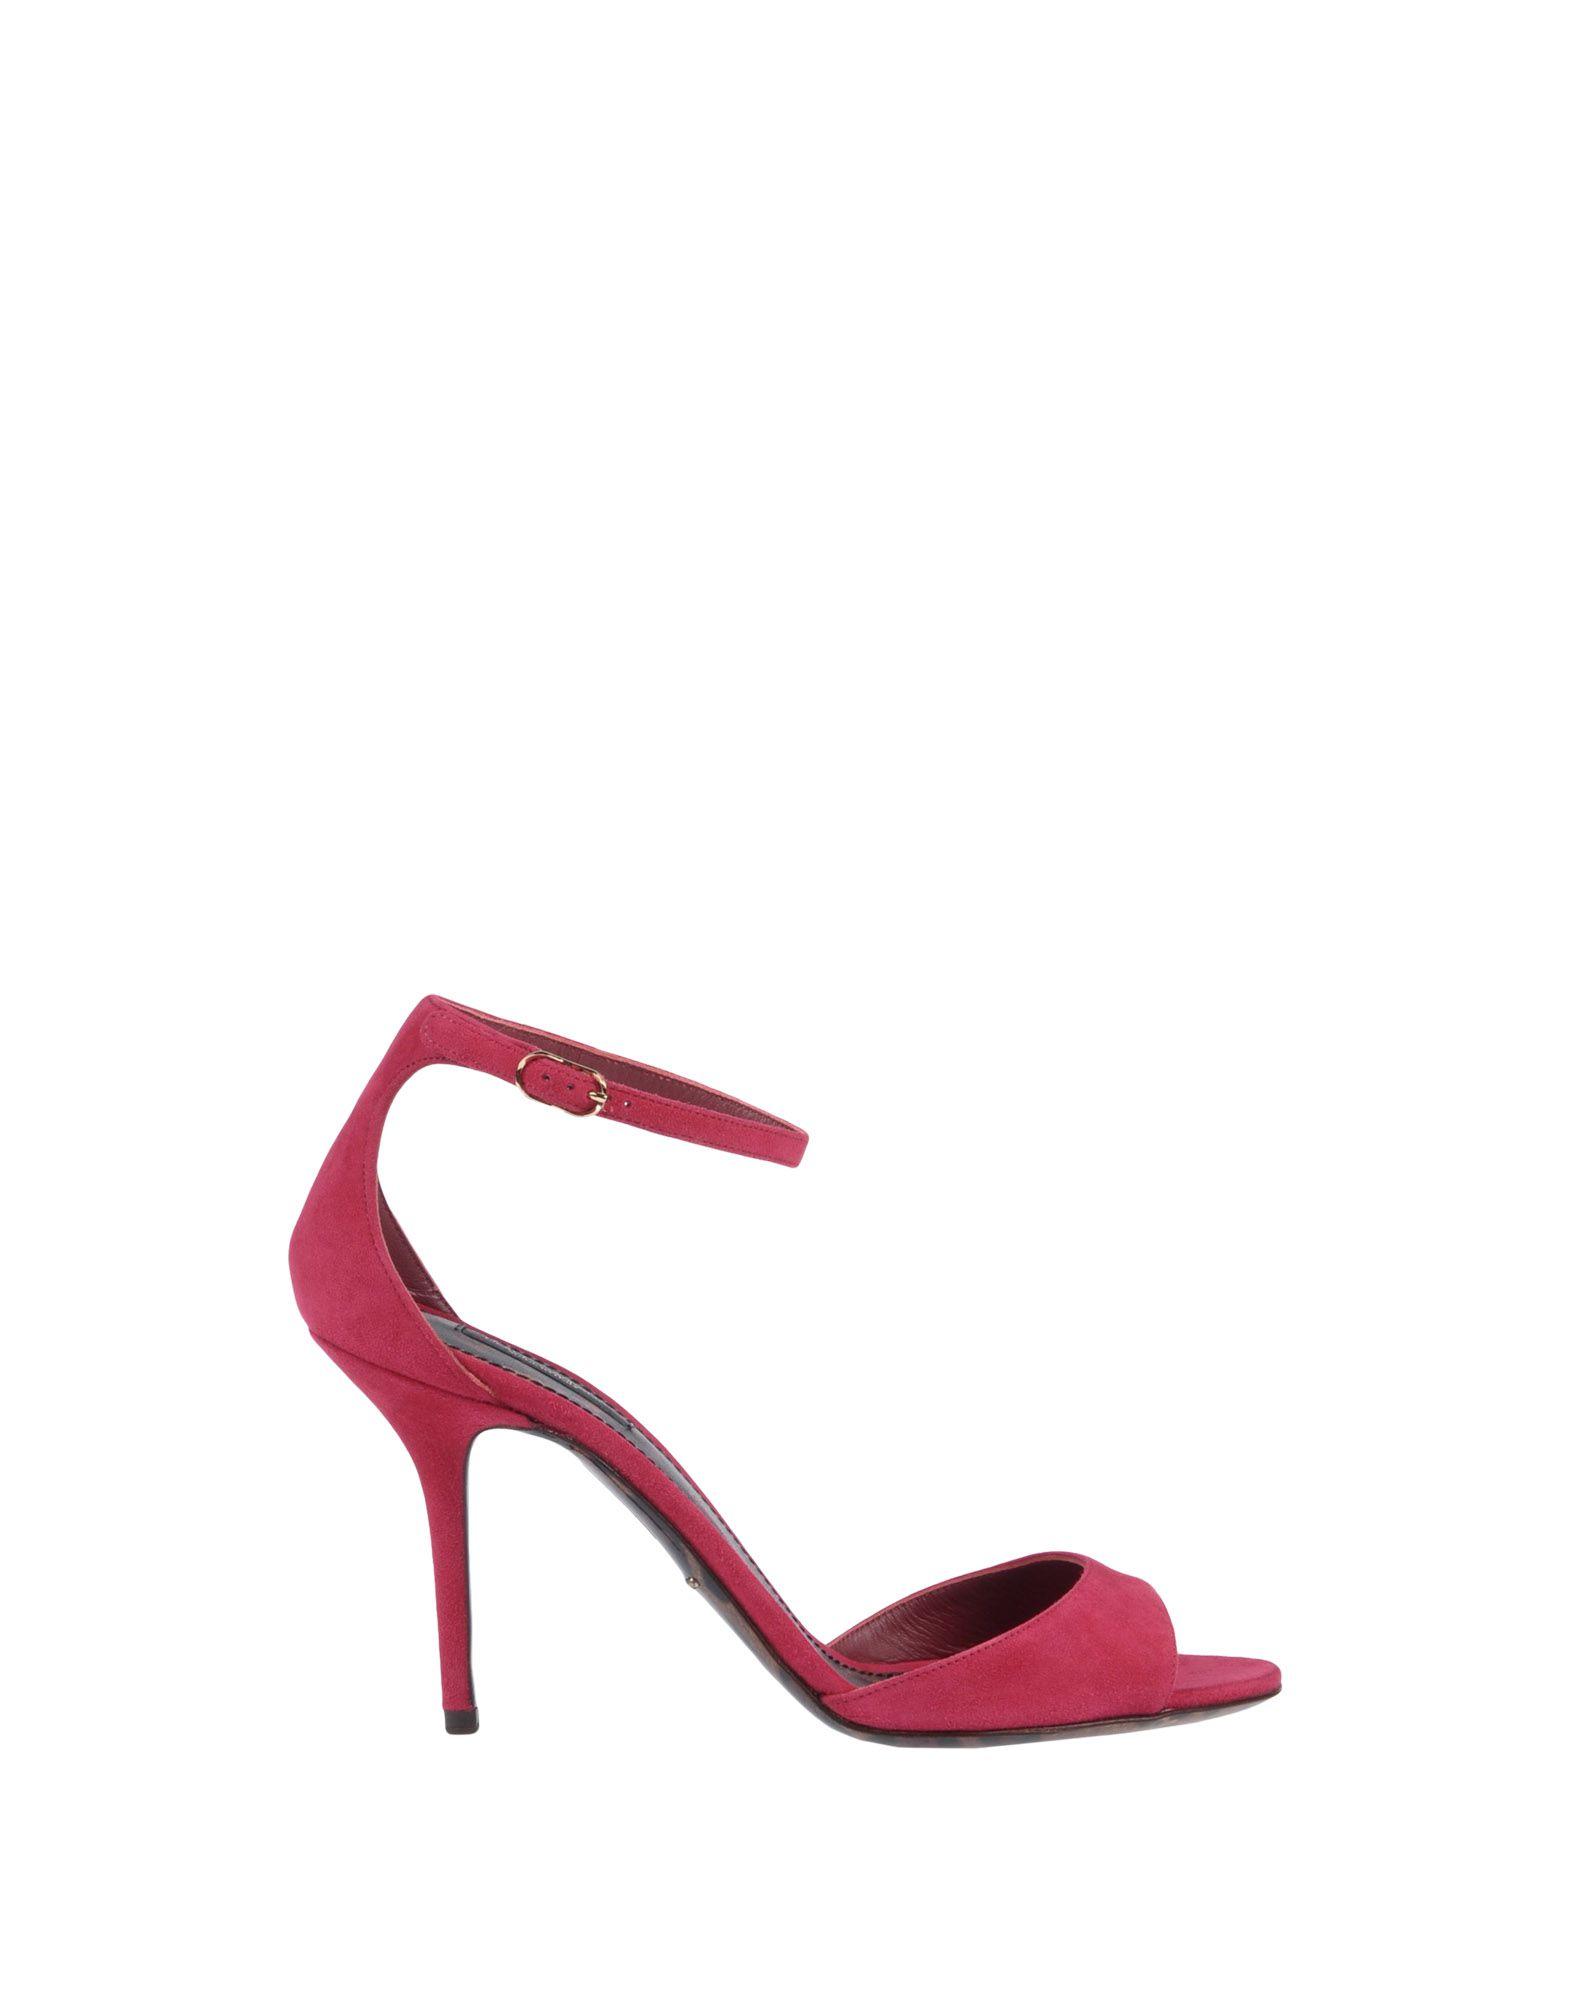 Dolce & Gabbana Neue Sandalen Damen  11427792XW Neue Gabbana Schuhe 2a5fca